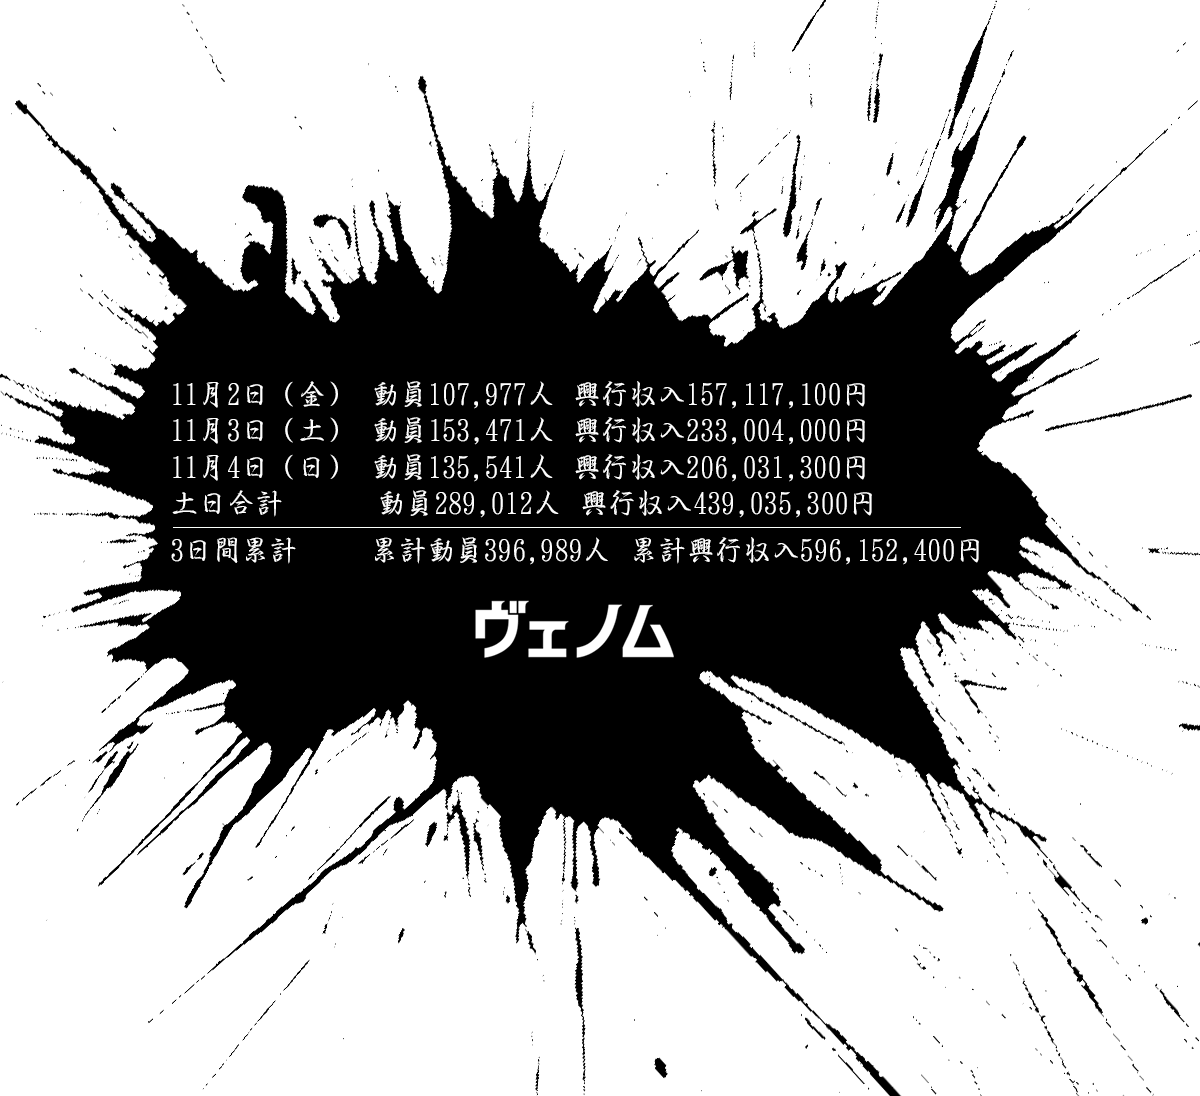 映画『ヴェノム』動員・興行収入 内訳データ